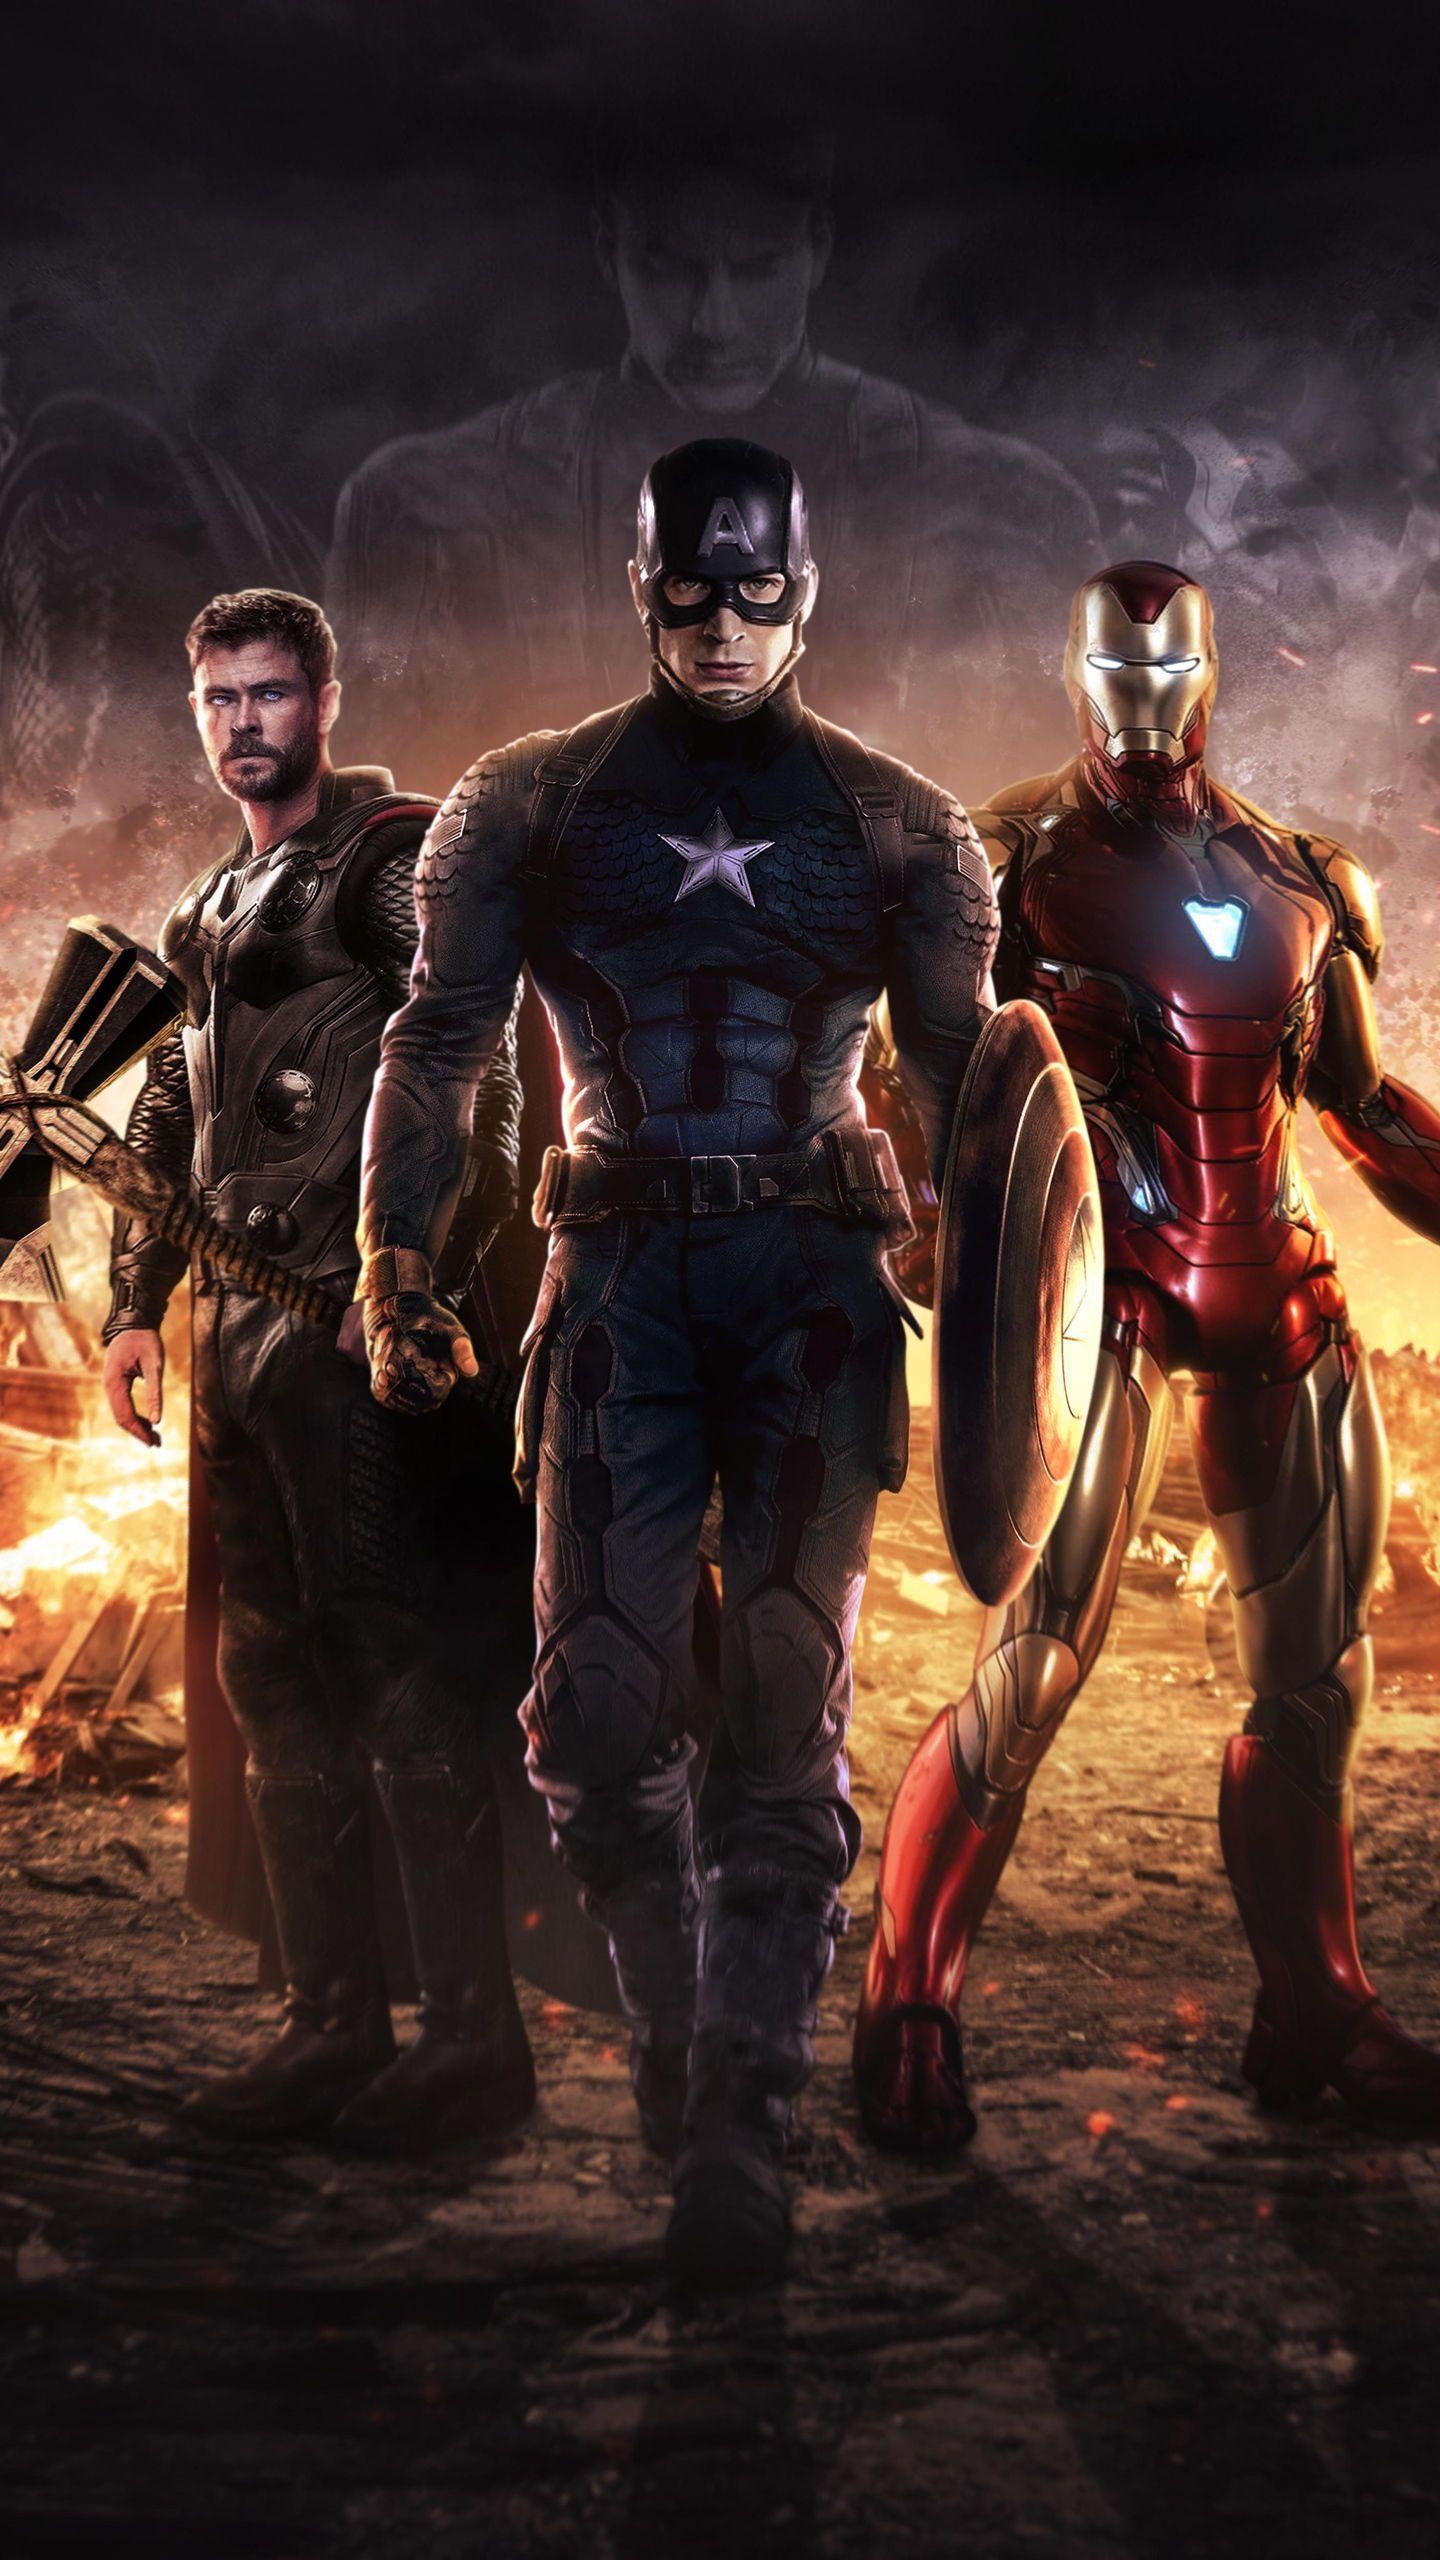 Avengers Endgame Review Movie Of The Millennium Spoiler Free Avengers Endgame Review Ironman Captai Mundo Marvel Marvel Superheroes Marvel Cinematic